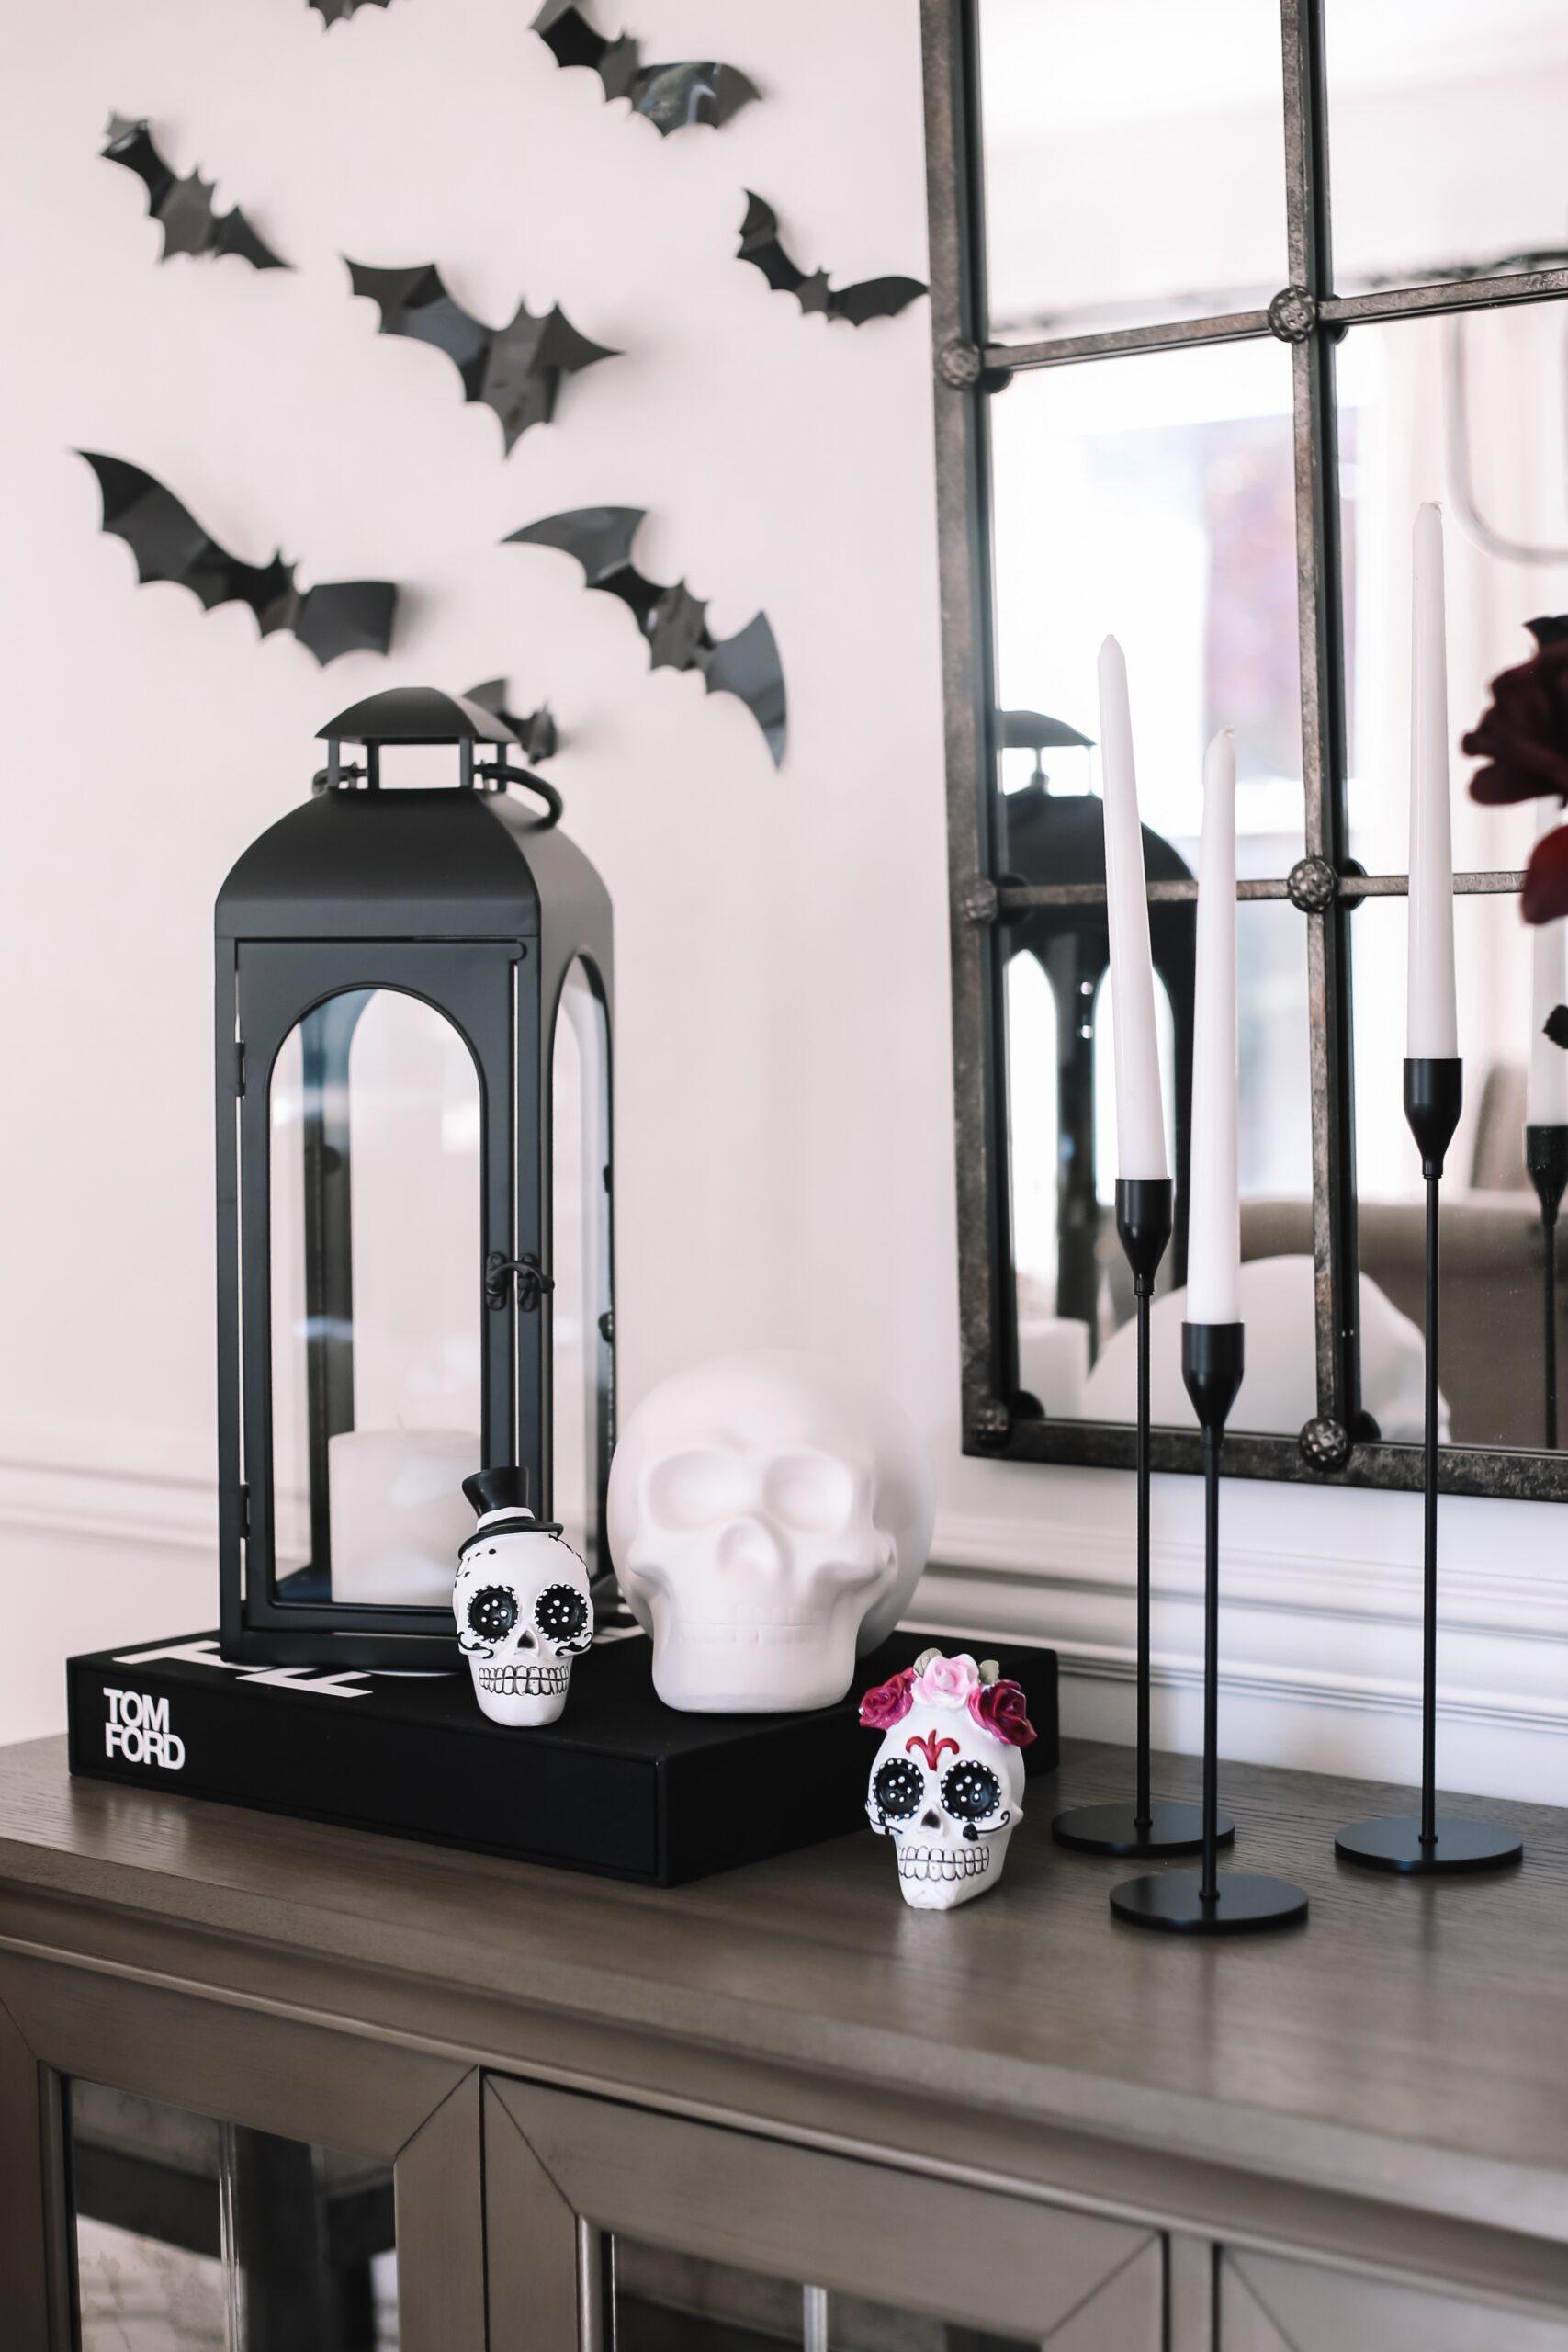 halloween dining room decor, sugar skulls